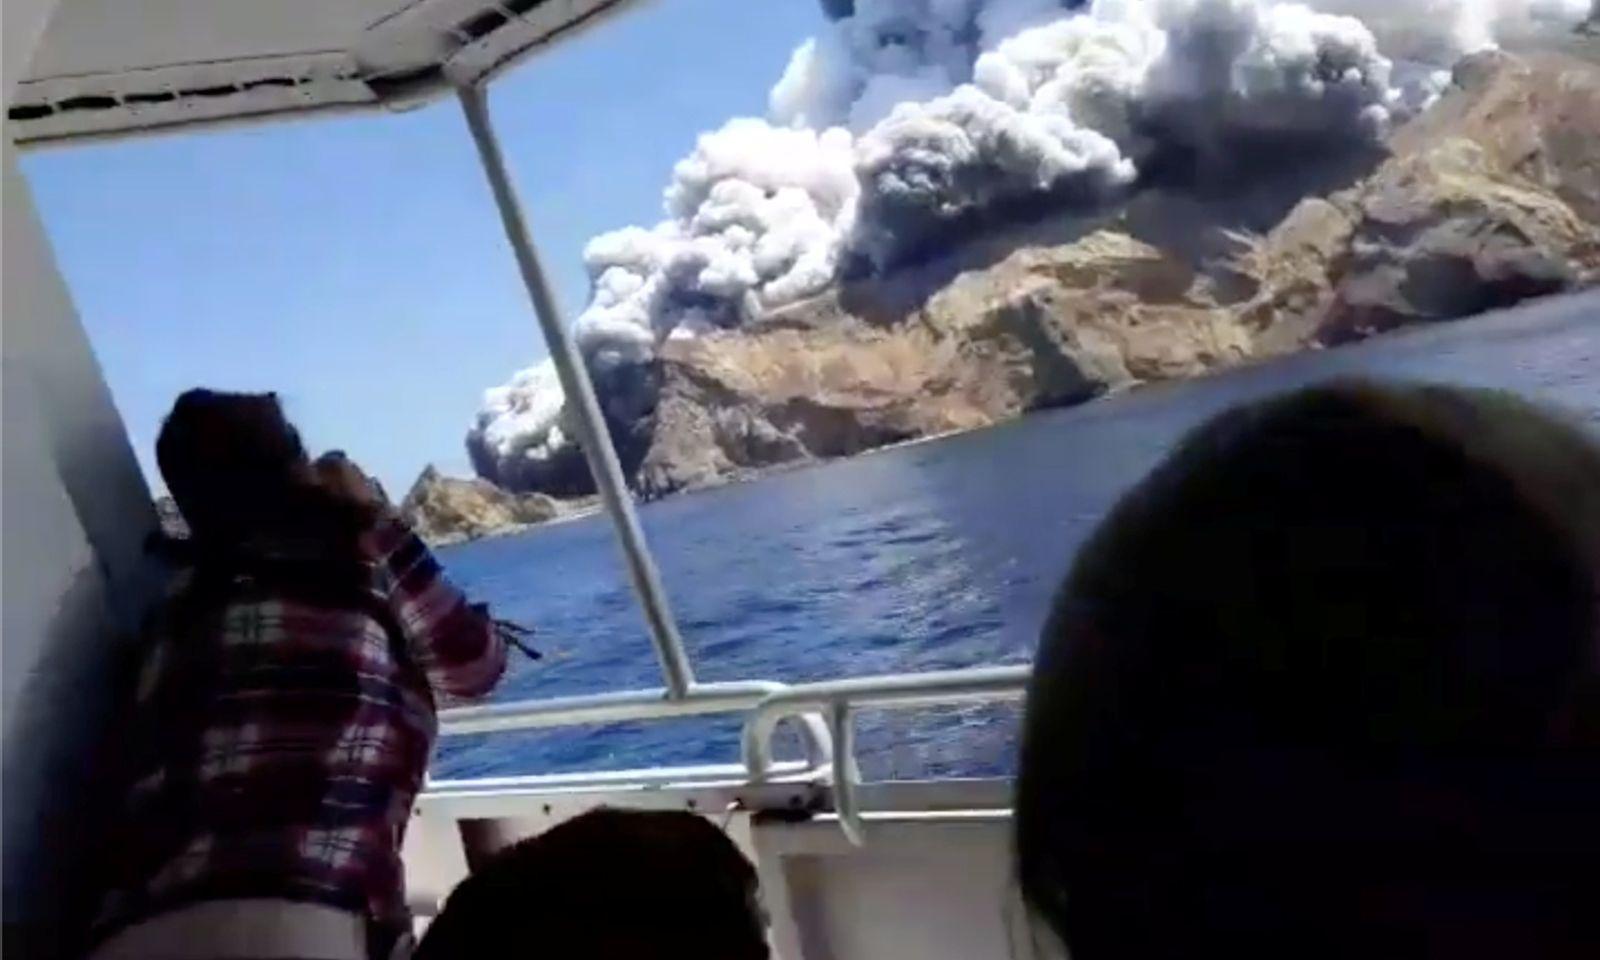 Der Vulkanausbruch auf der neuseeländischen Insel White Island forderte vermutlich mehr als 20 Menschenleben.